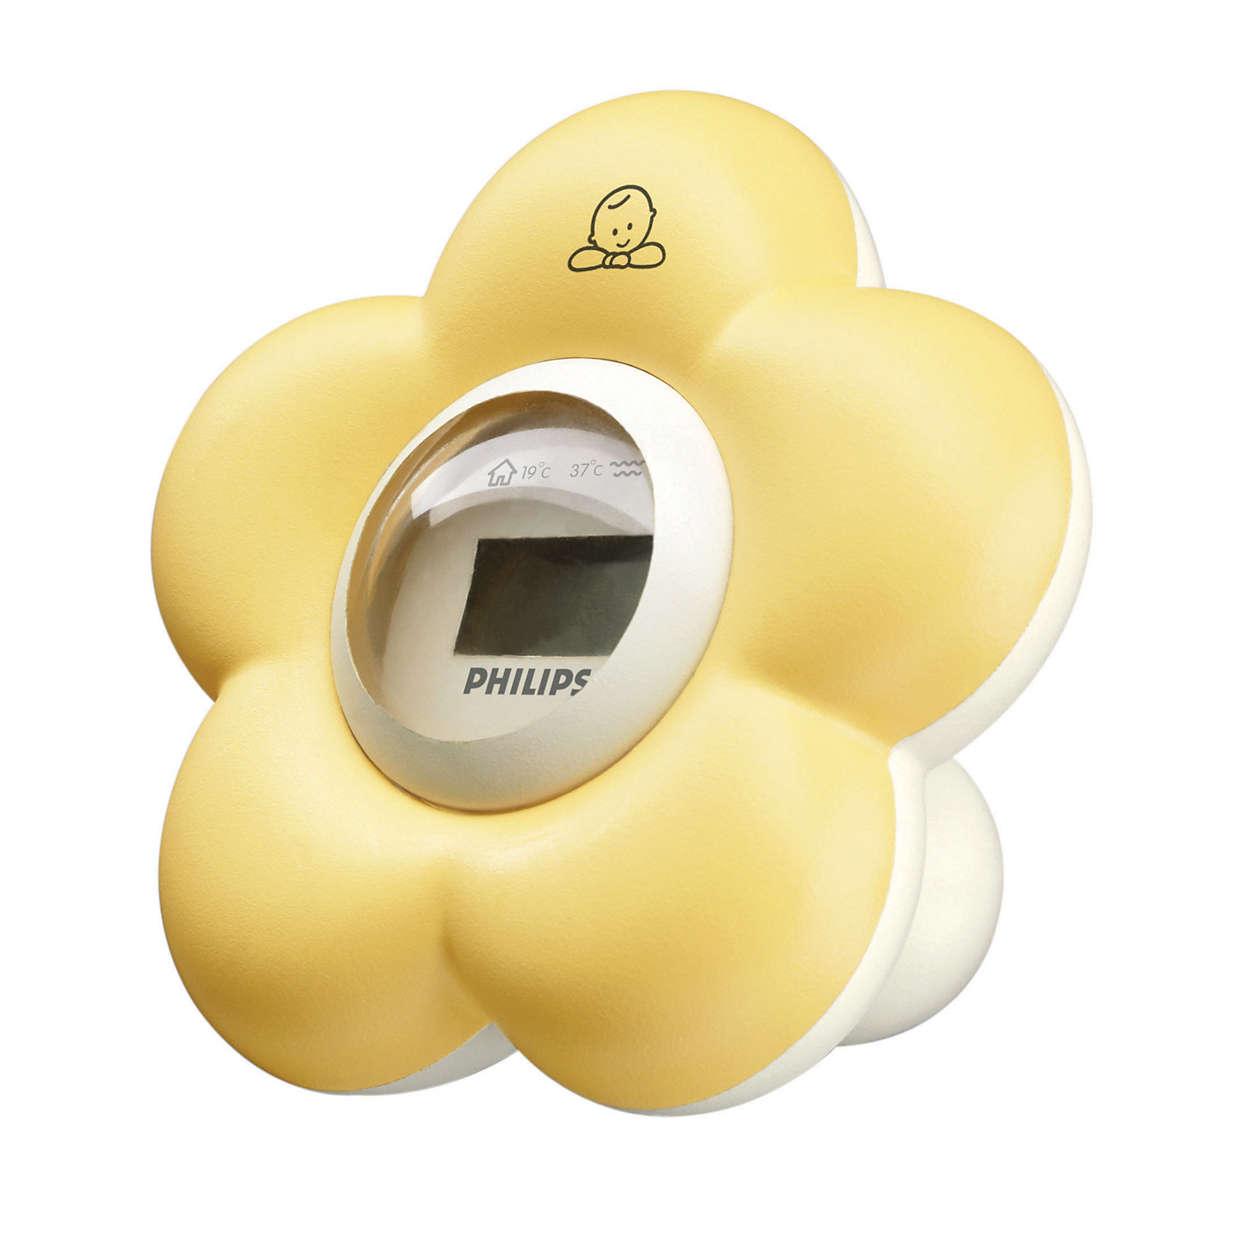 Thermom tre bain et chambre pour b b sch550 00 avent - Thermometre hygrometre chambre bebe ...